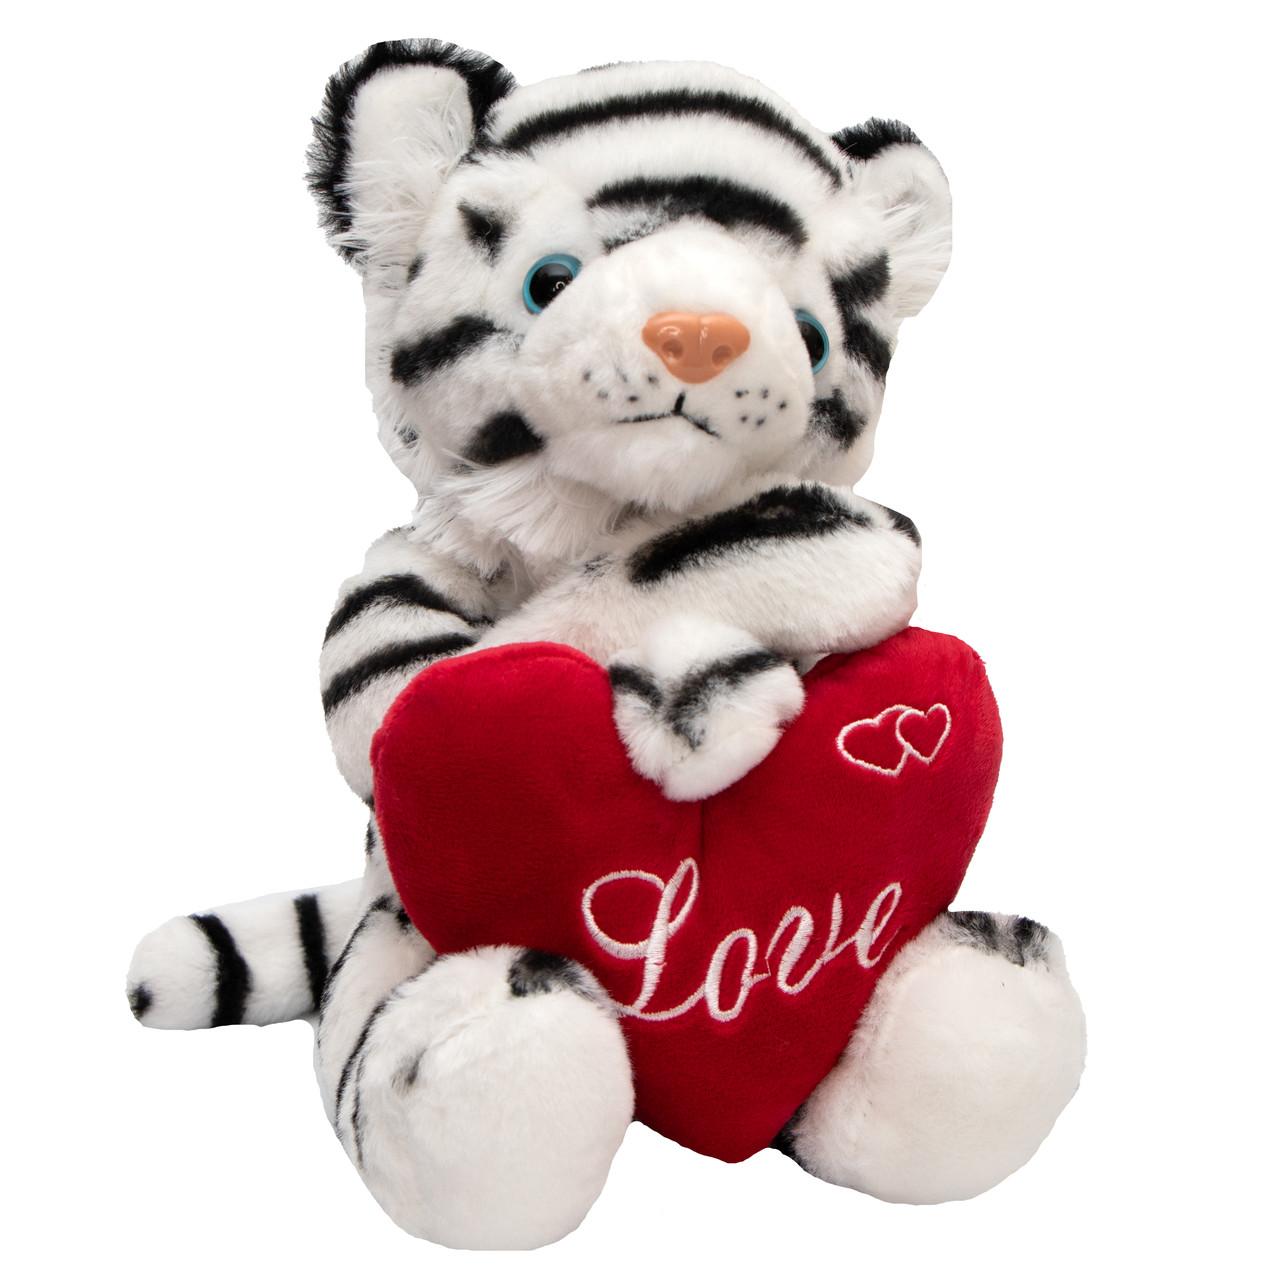 М'яка іграшка - тигреня з серцем, 22 см, білий, плюш (395773)